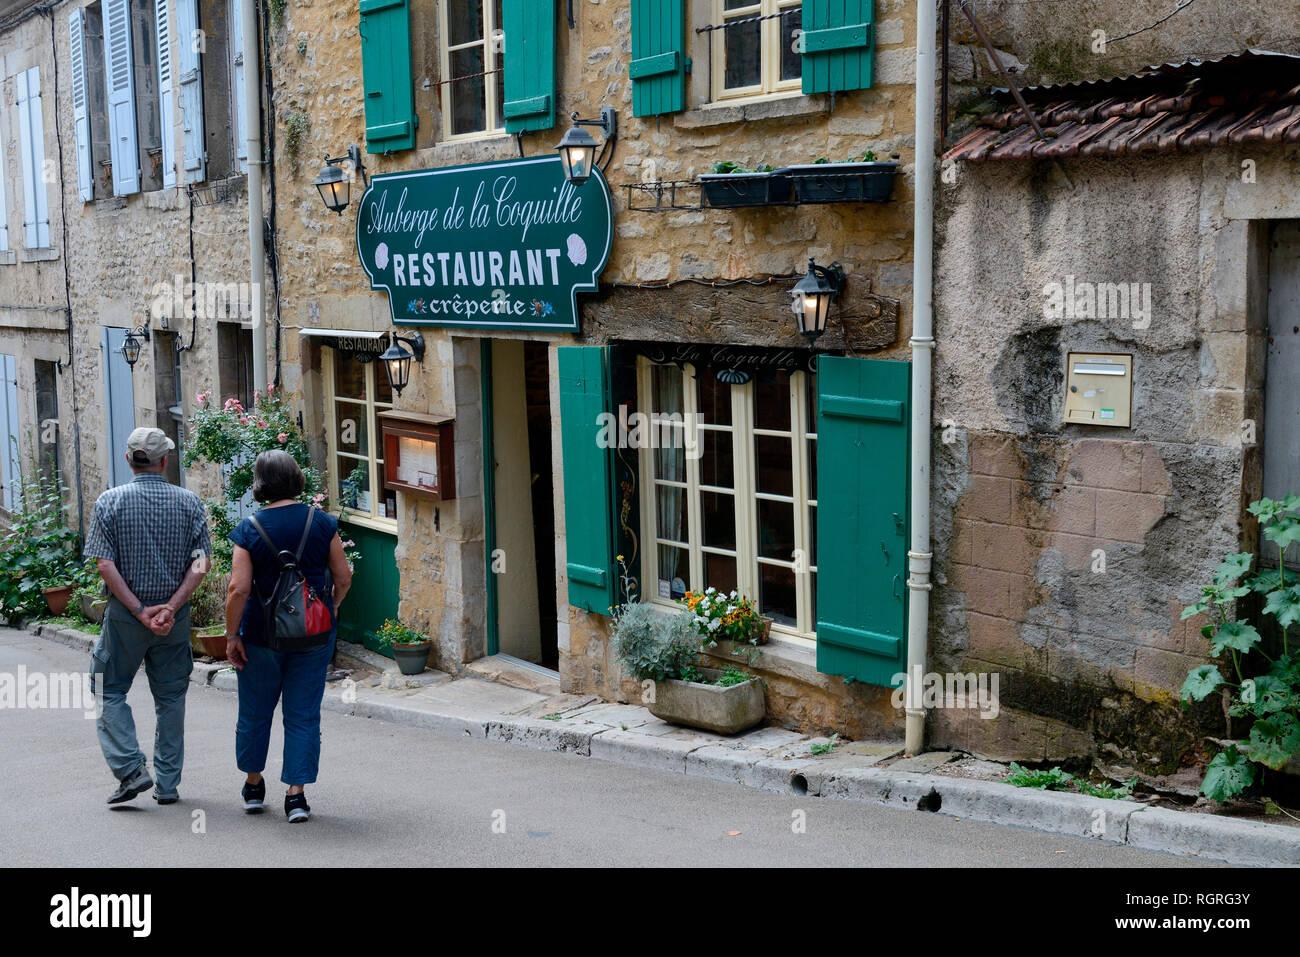 Vézelay, Dorfstrasse mit Restaurant, Vézelay, Burgund, Departement Yonne, Frankreich, Europa, Frankreich Banque D'Images